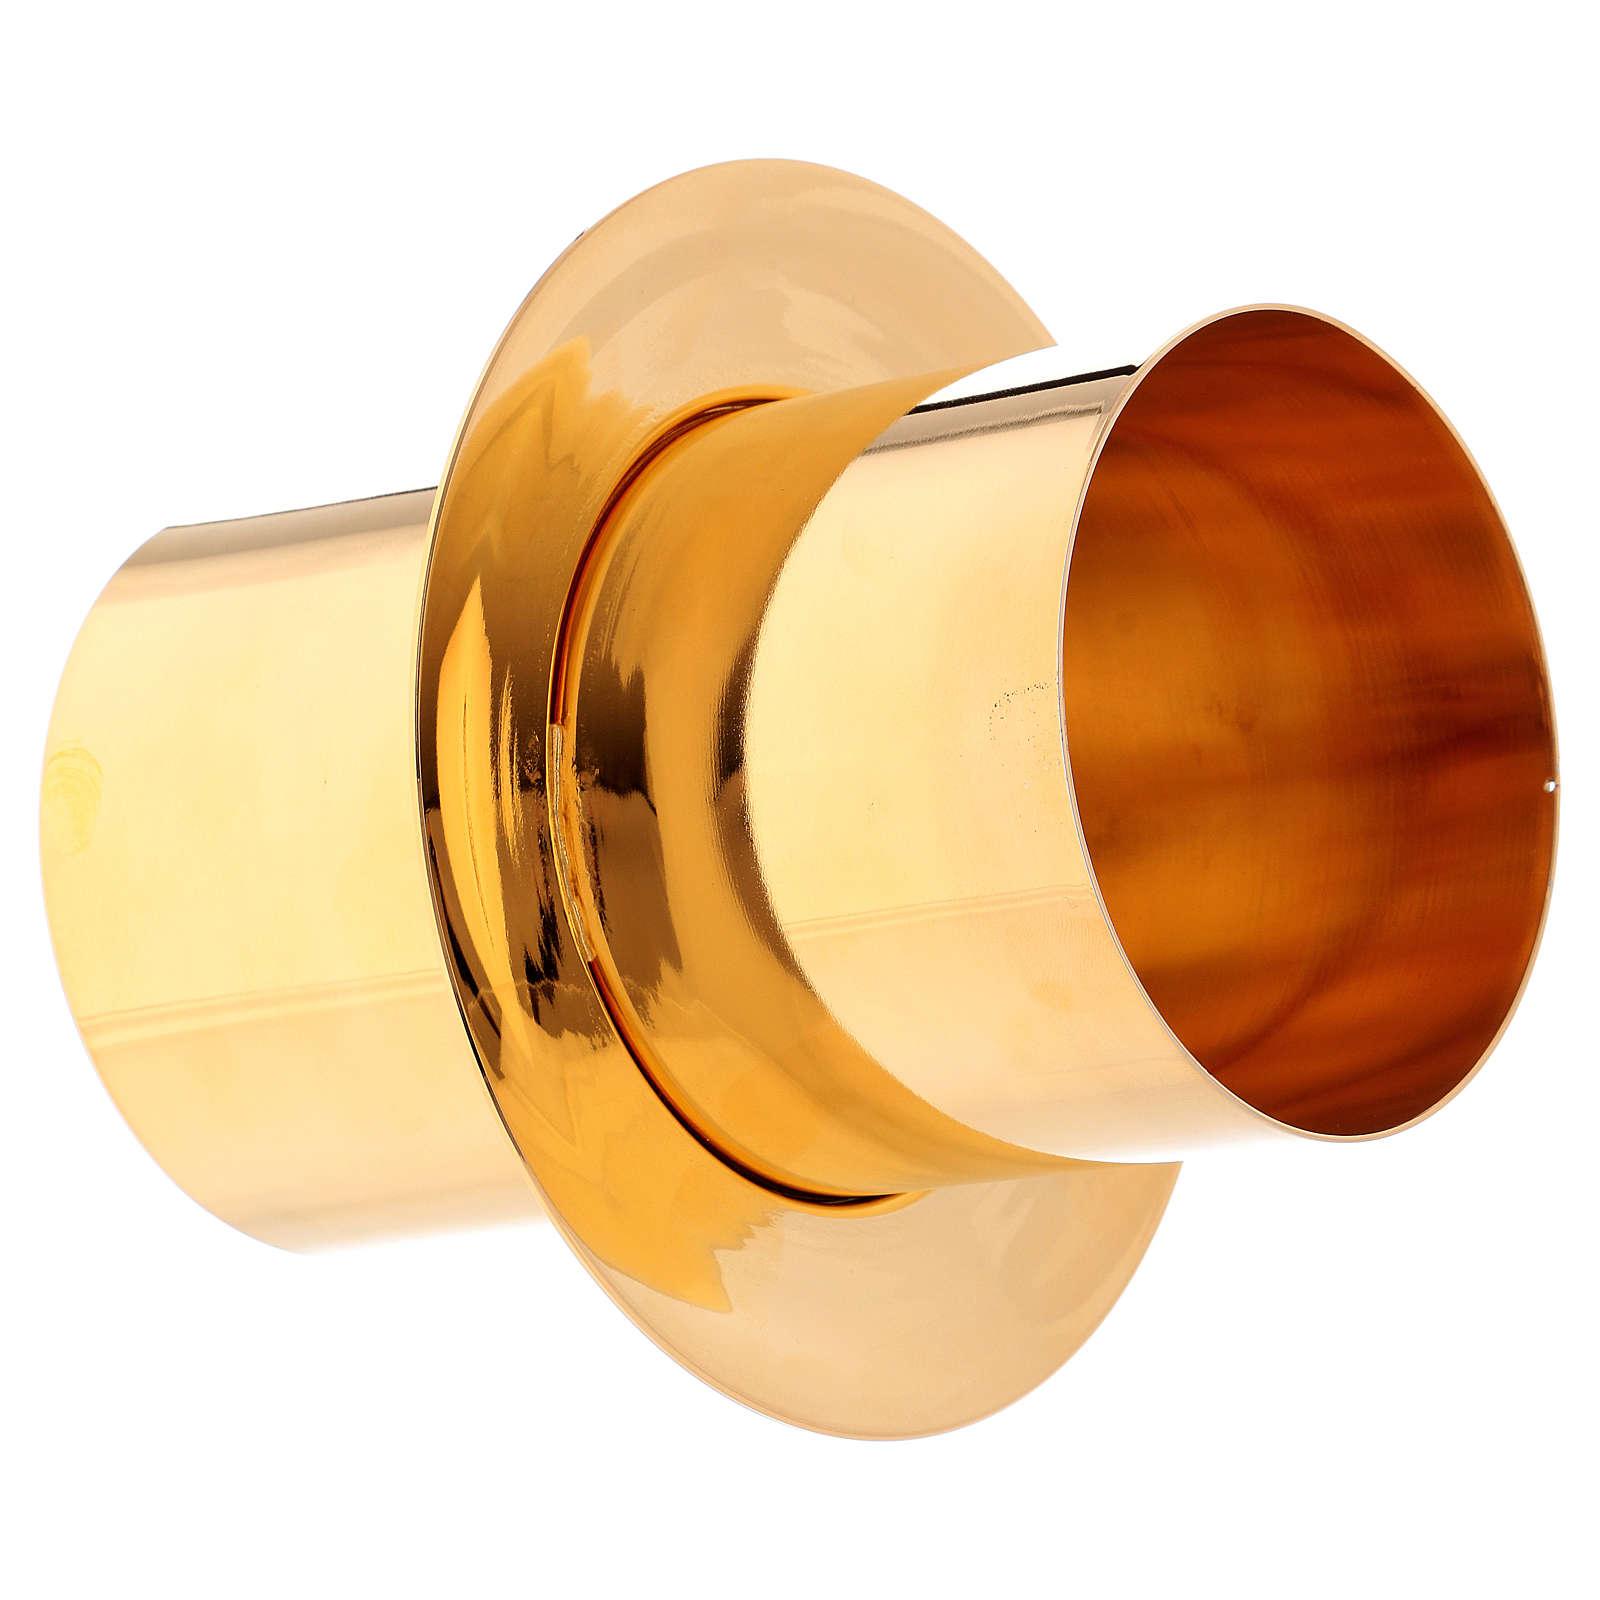 Joint cierge pascal laiton doré diam. 8 cm 3